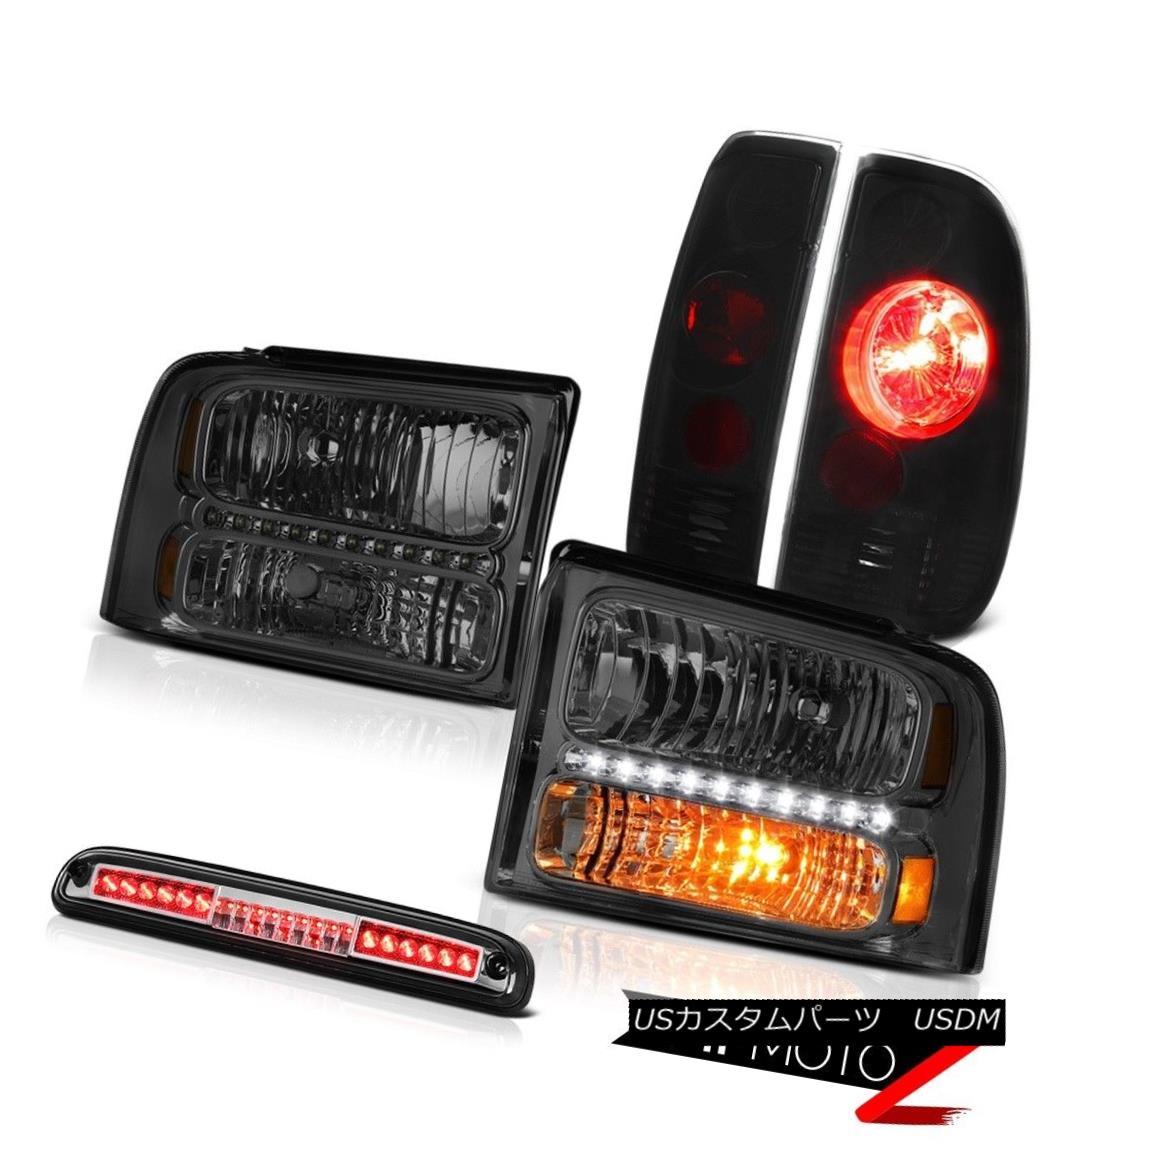 ヘッドライト 05-07 F350 Lariat Dark Headlights Black Smoke Tail Lights Roof Brake LED Chrome 05-07 F350ラリアットダークヘッドライトブラックスモークテールライトルーフブレーキLEDクローム